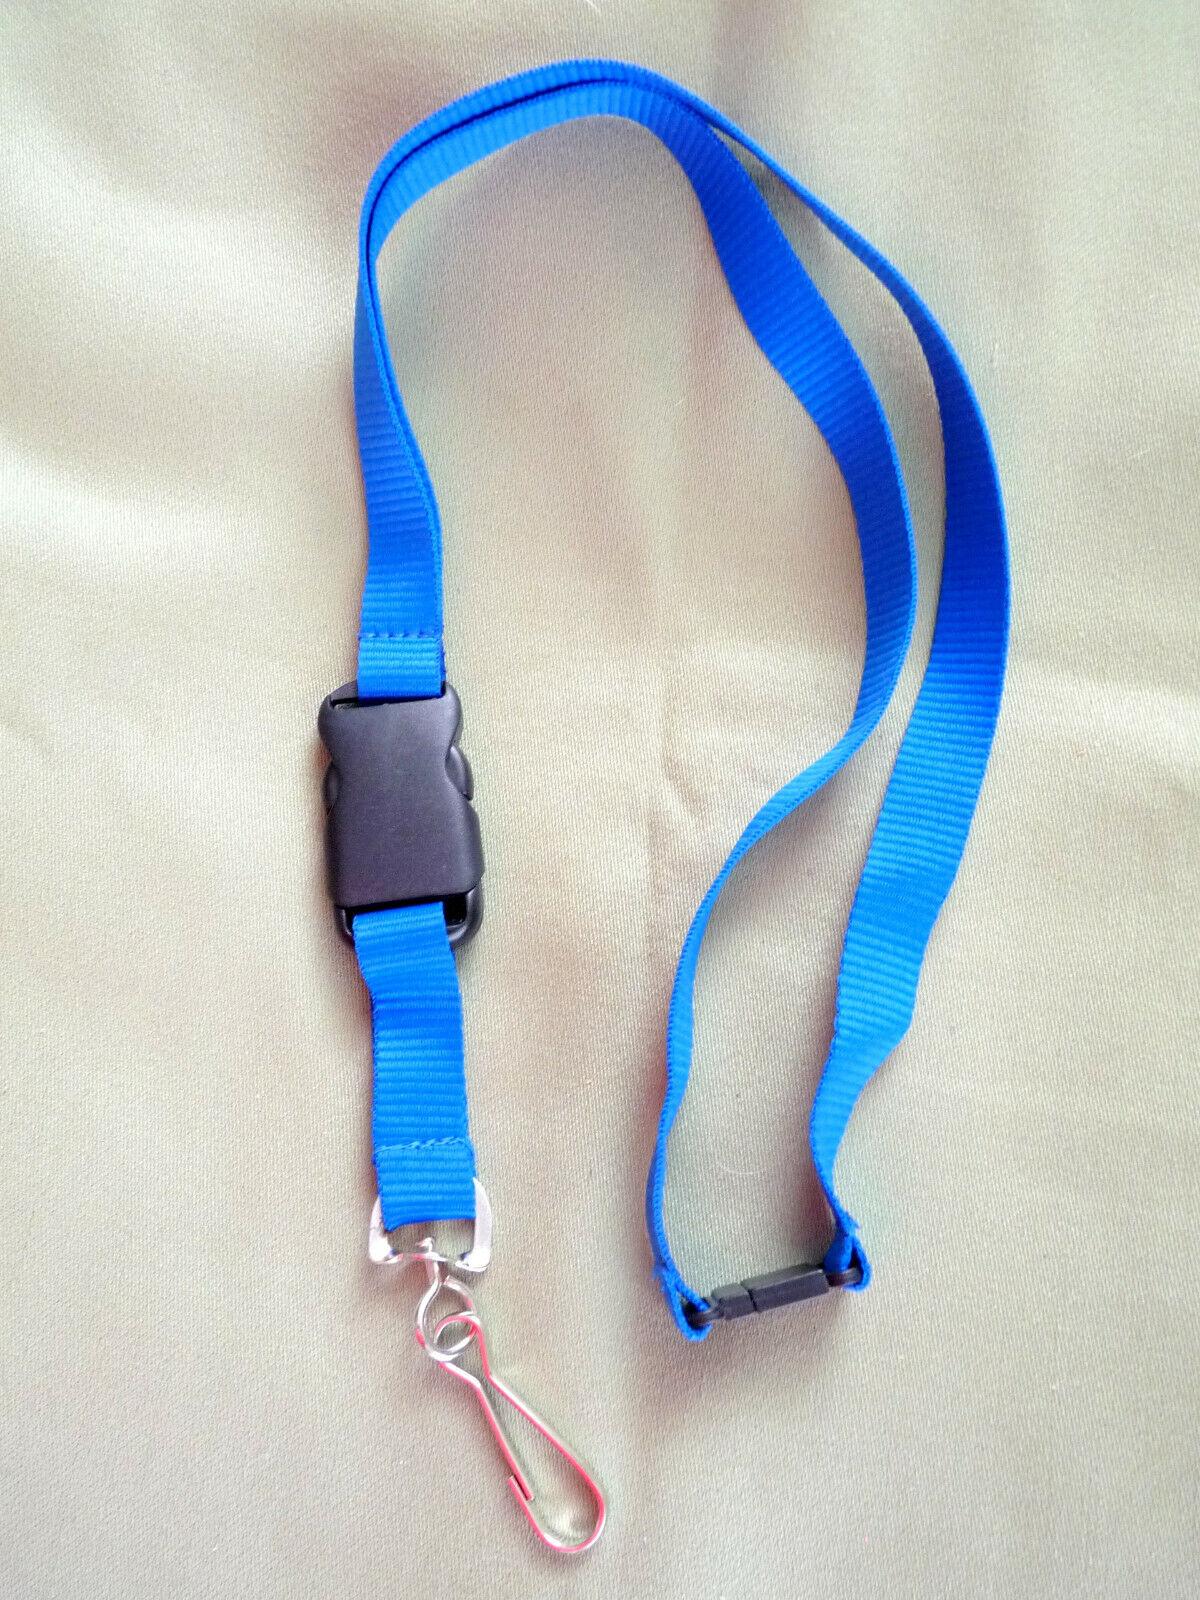 1 Cordon Lanière Tour de Cou Porte Badge Clés Porte clé Bleu - jusqu'a 50 unit